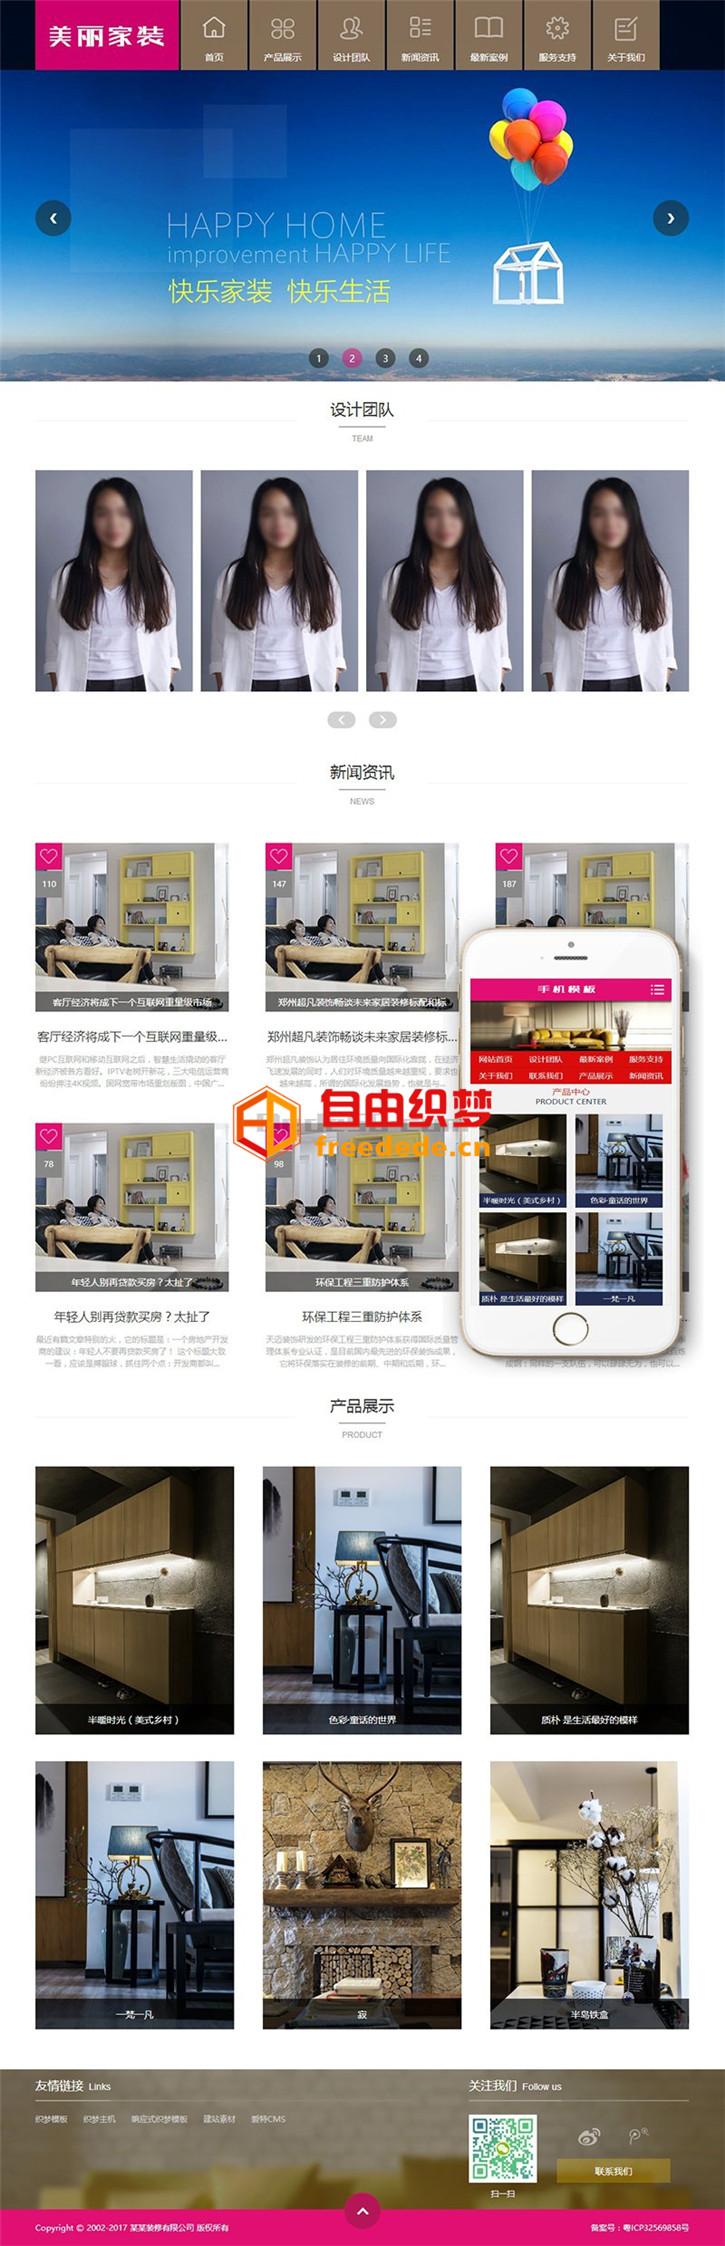 爱上源码网文章dedecms网站源码简洁装修装饰家装类织梦模板(带手机端)的内容插图